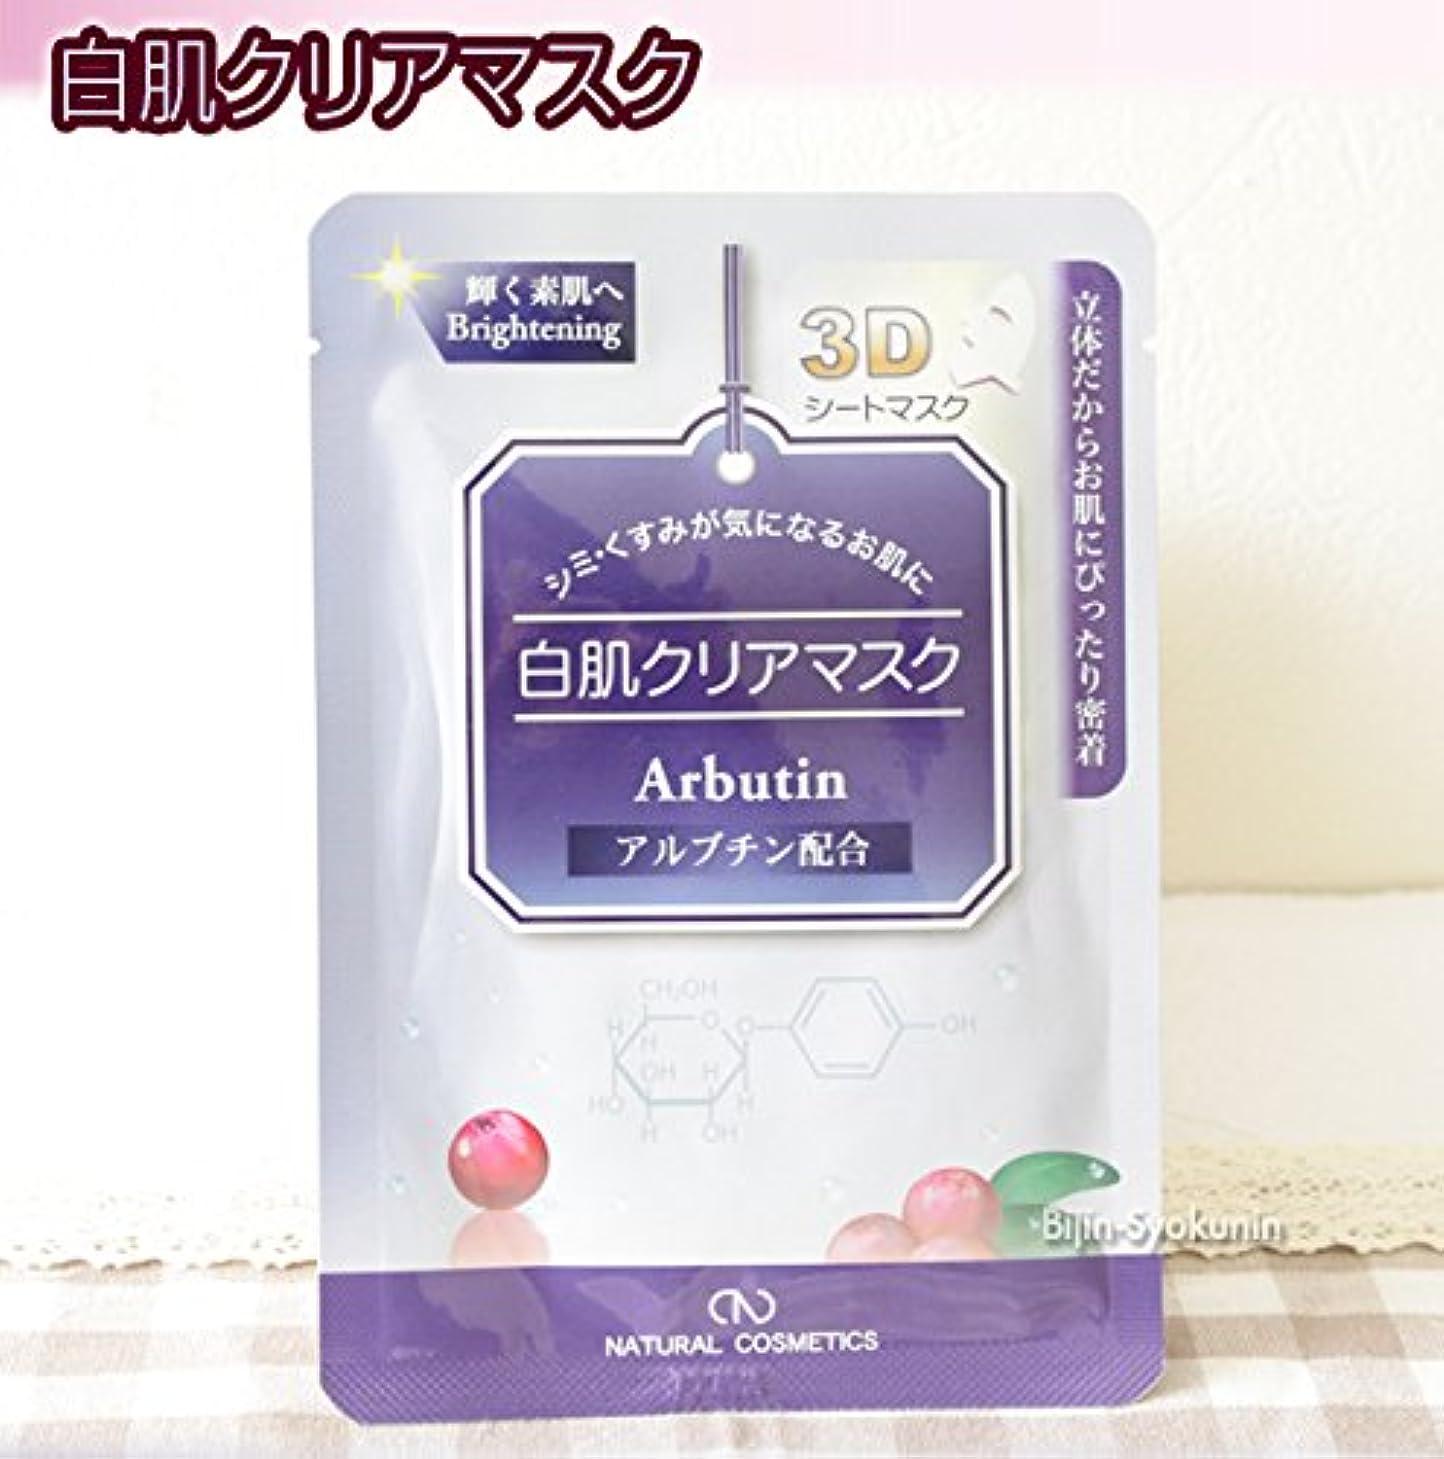 雰囲気受け皿適応3Dシートマスク 1枚入り 【白肌クリアマスク】